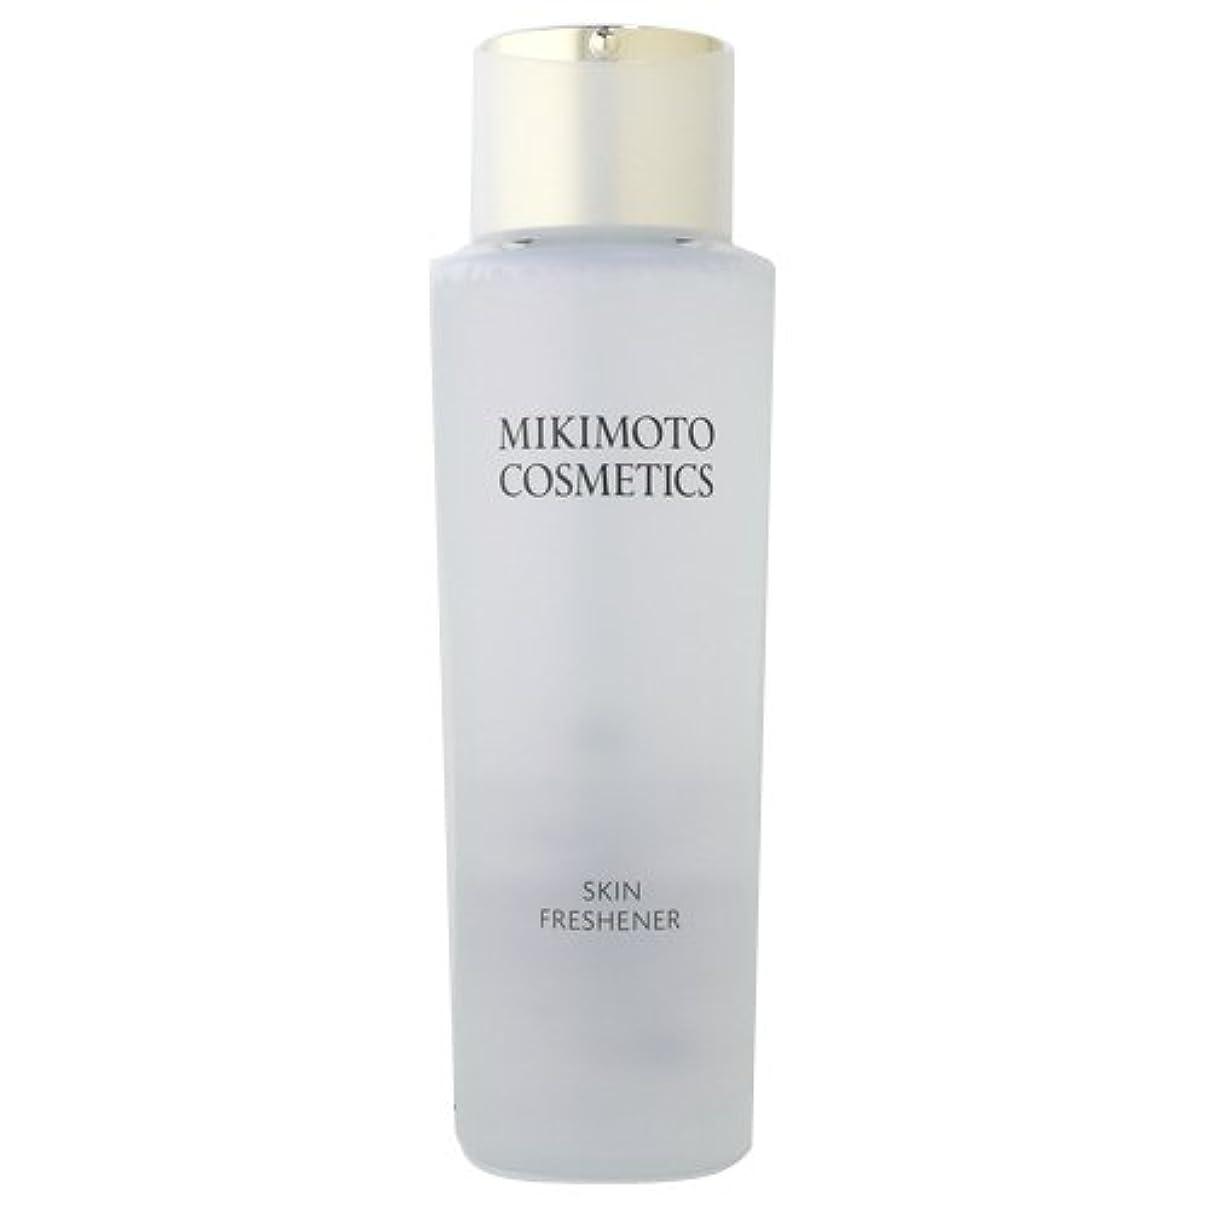 一杯巨人汚いミキモト化粧品 MIKIMOTO コスメティックス スキンフレッシュナー 200mL